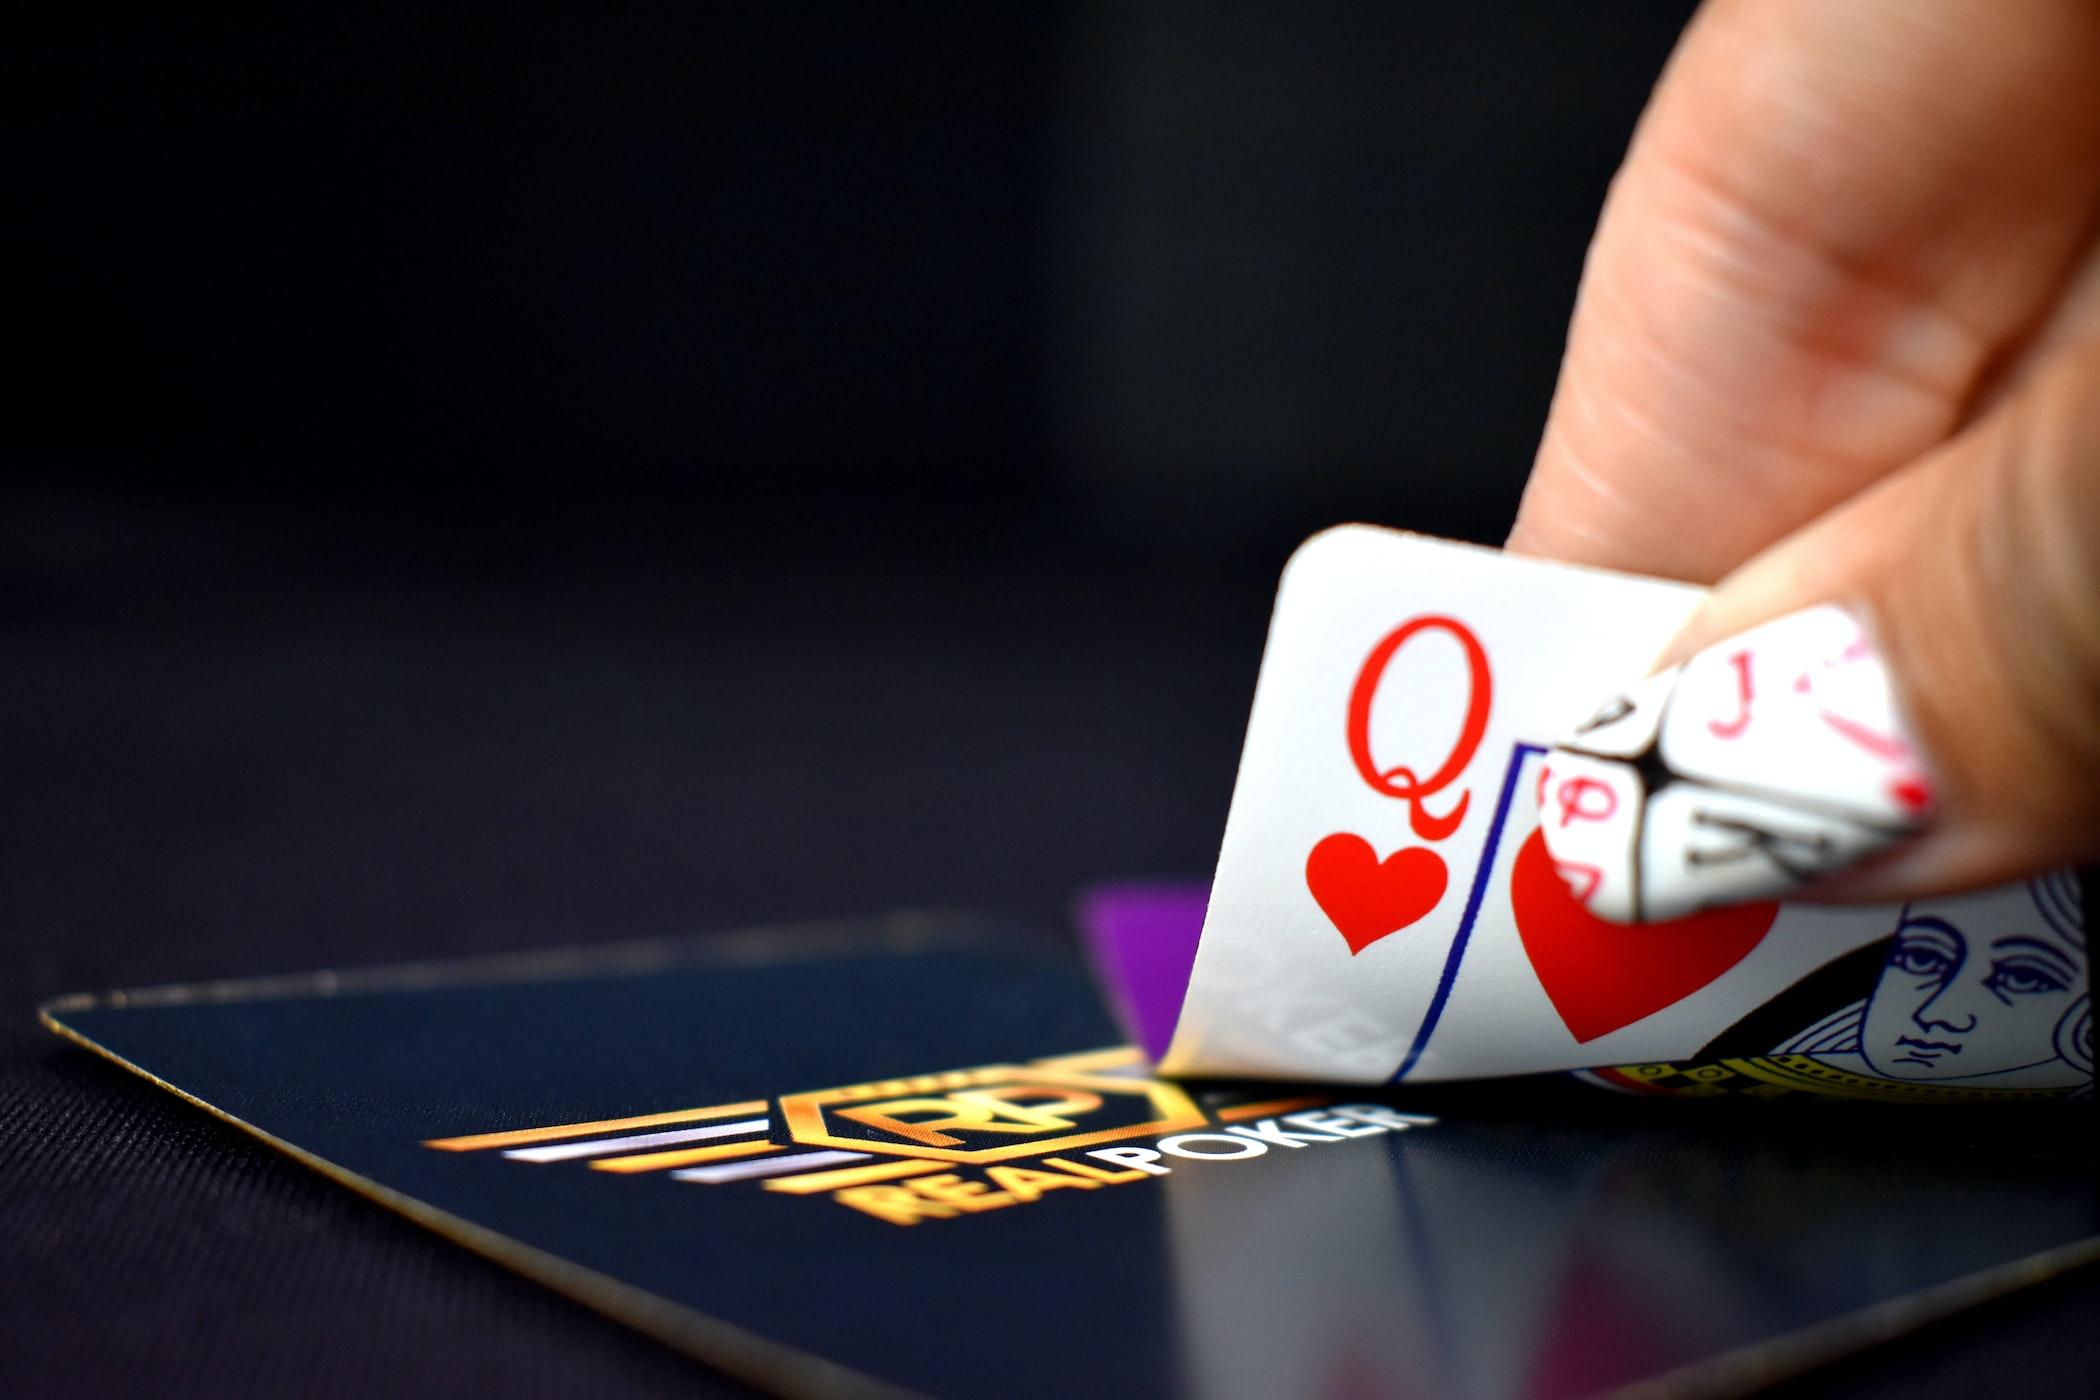 12Bet Online Casino: Scam or Not?